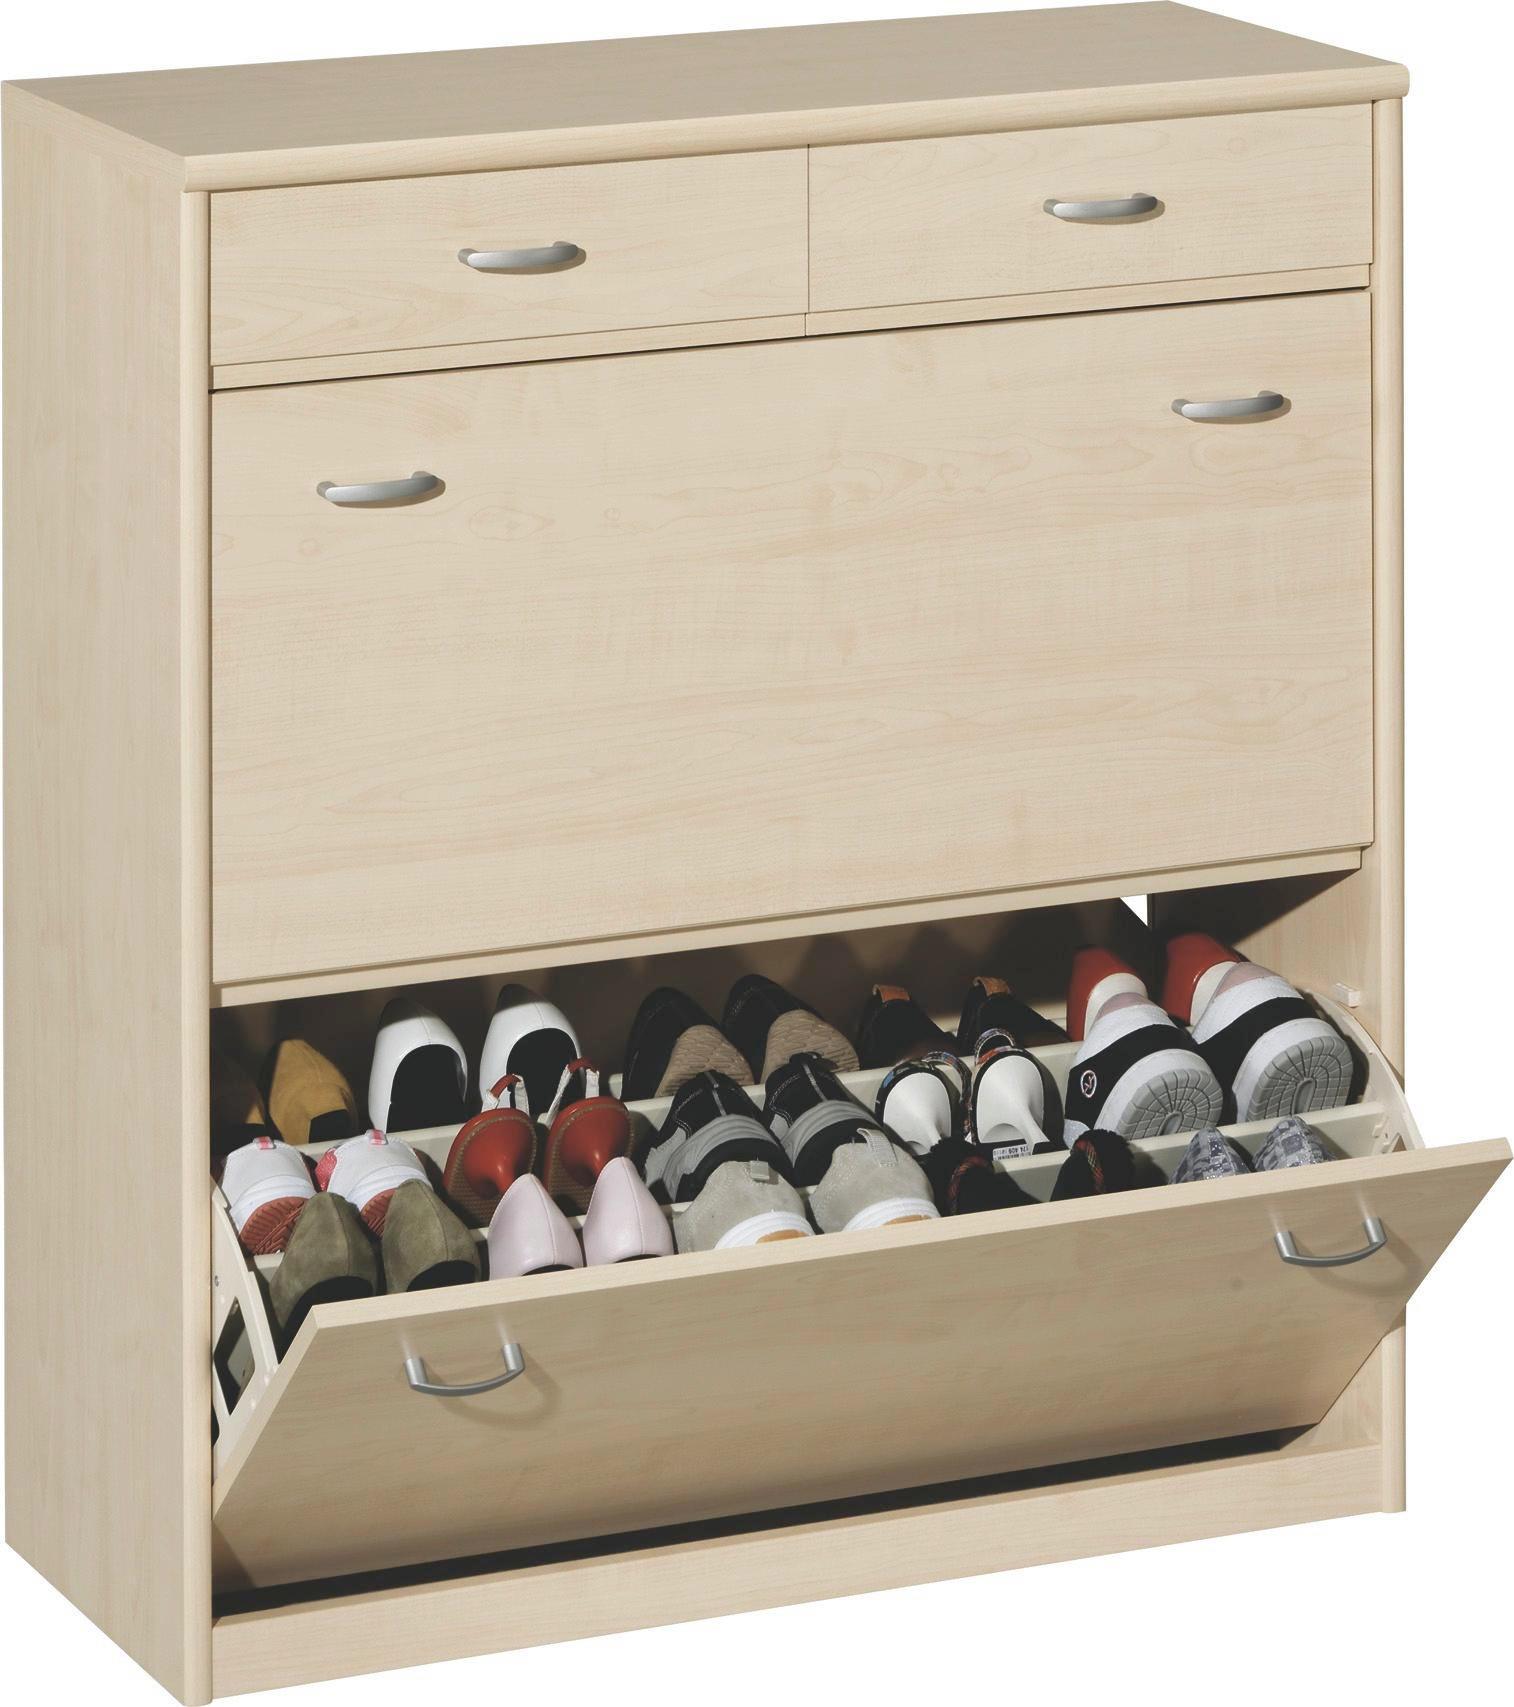 SCHUHKIPPER - Silberfarben/Ahornfarben, KONVENTIONELL, Holzwerkstoff/Kunststoff (87/97/36cm) - CS SCHMAL